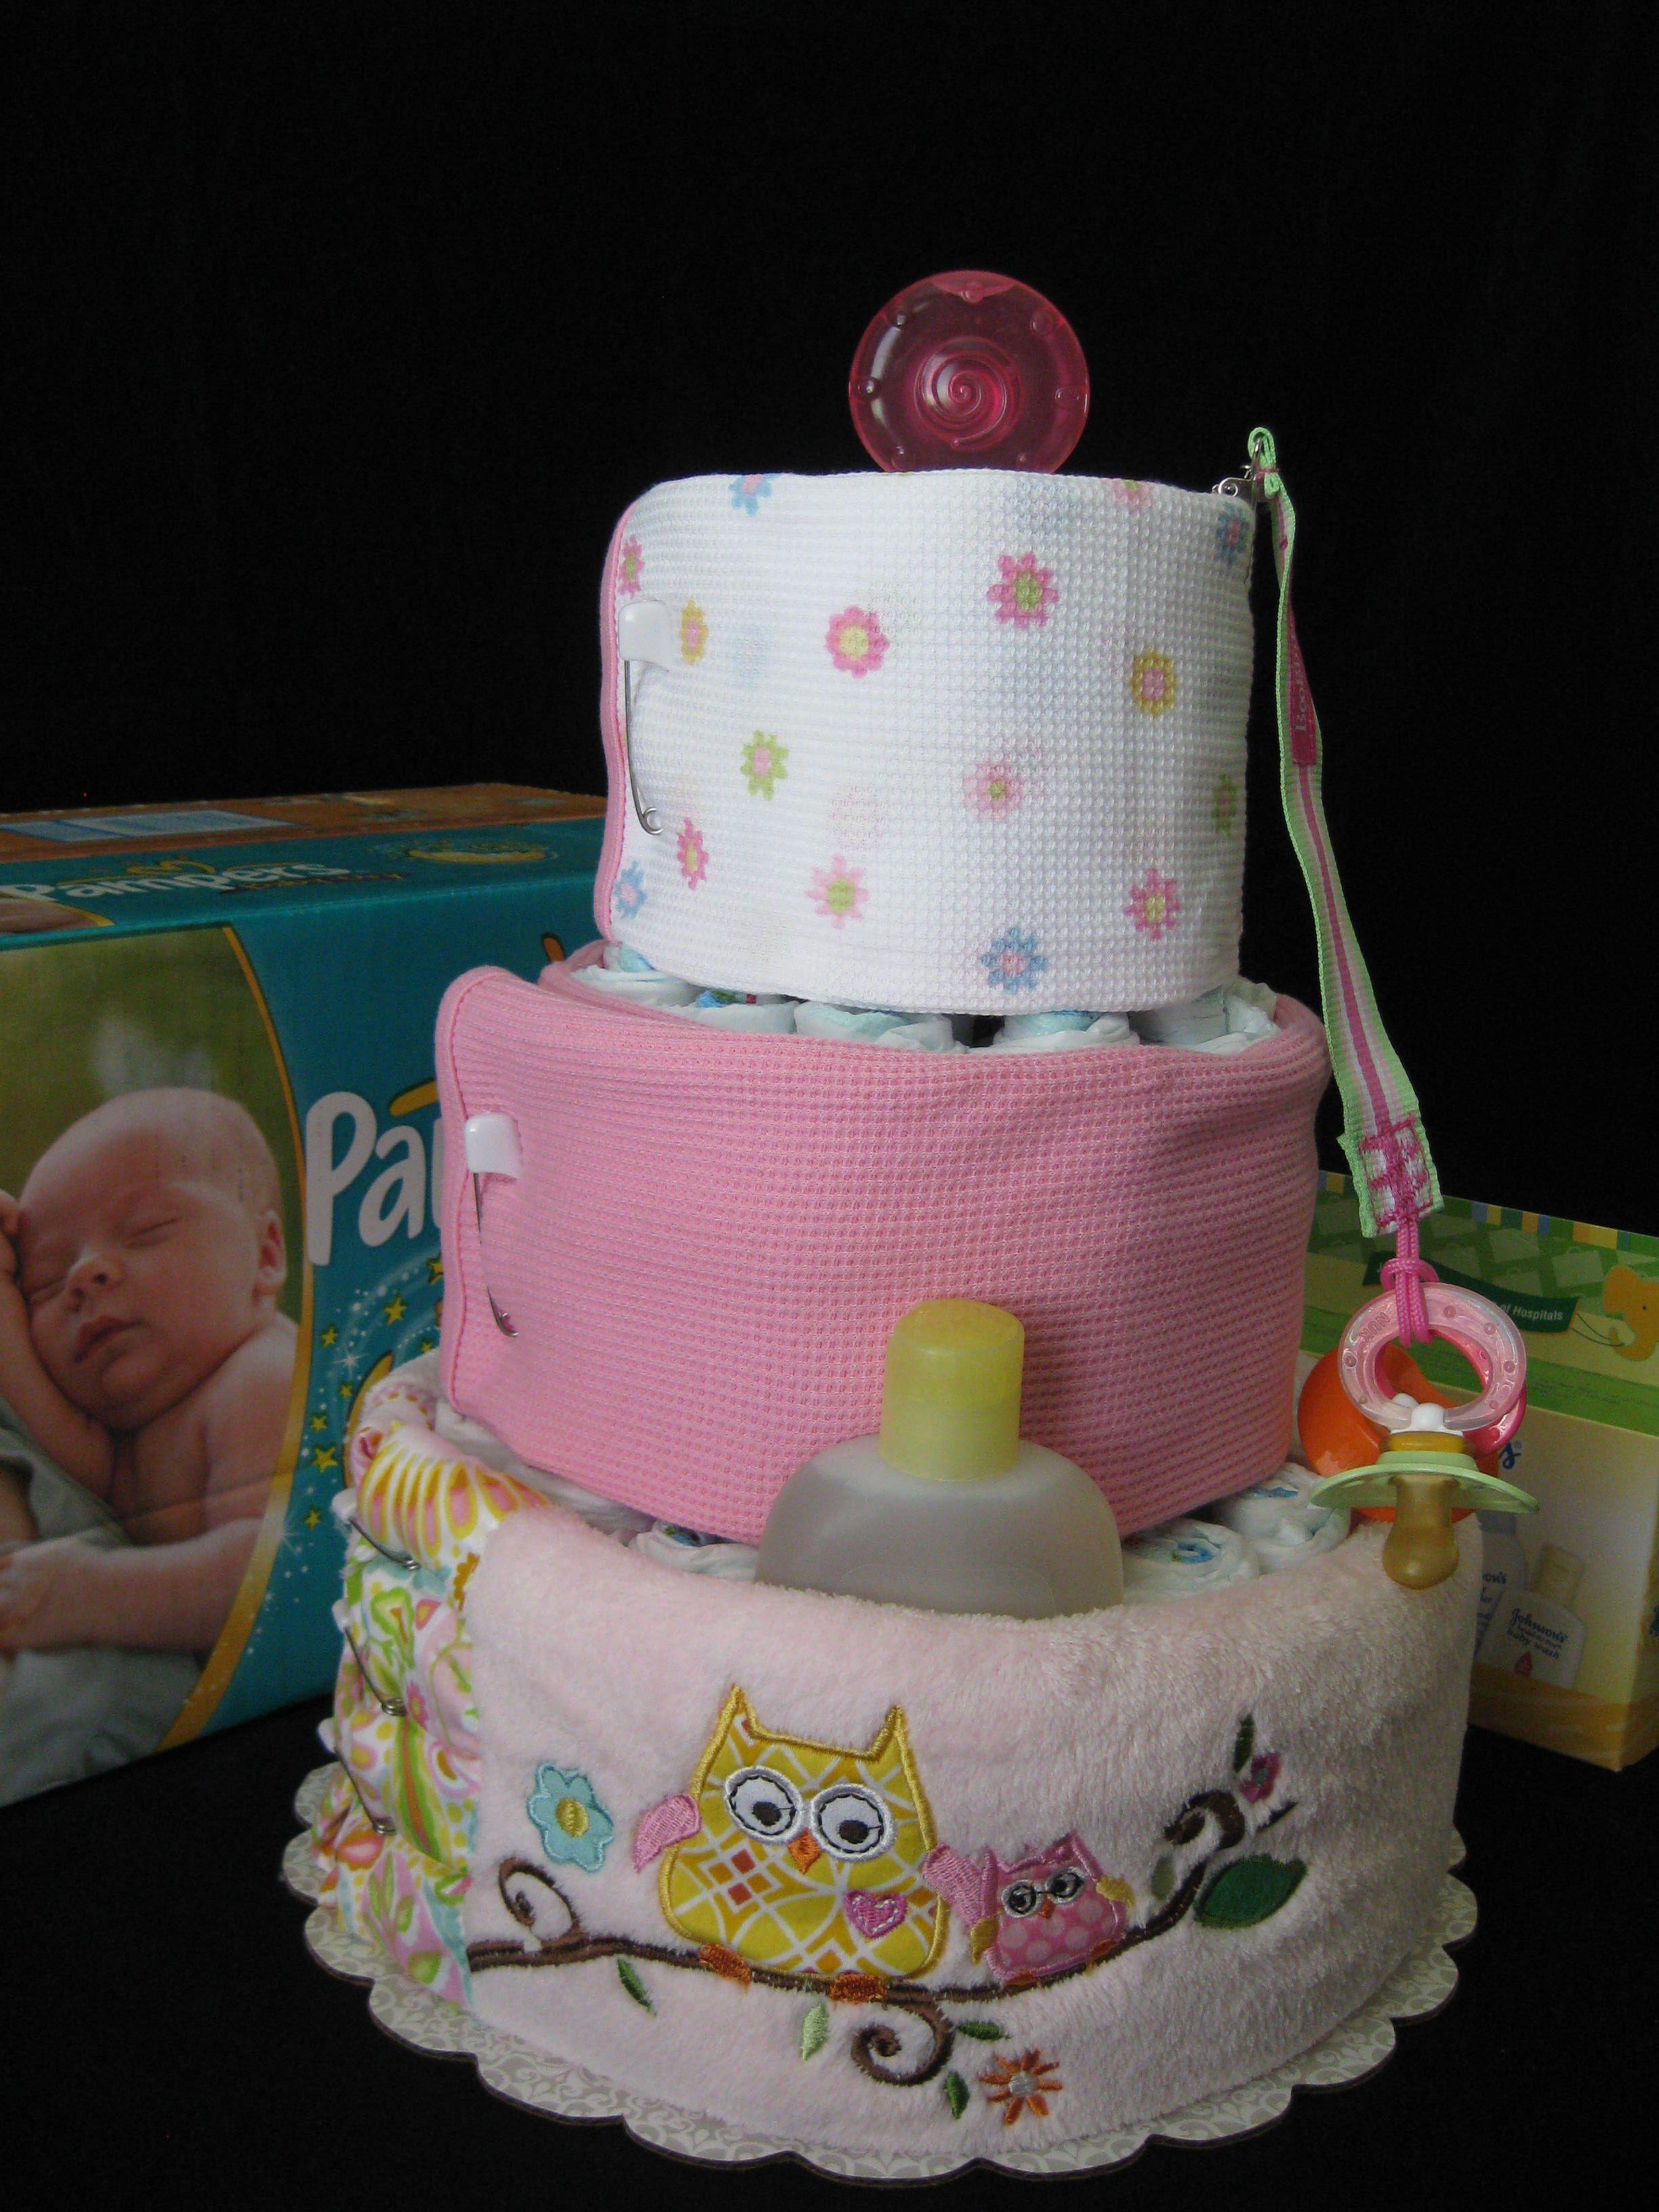 Baby Shower Gift Ideas On Pinterest : Ashley rose diaper hot girls wallpaper